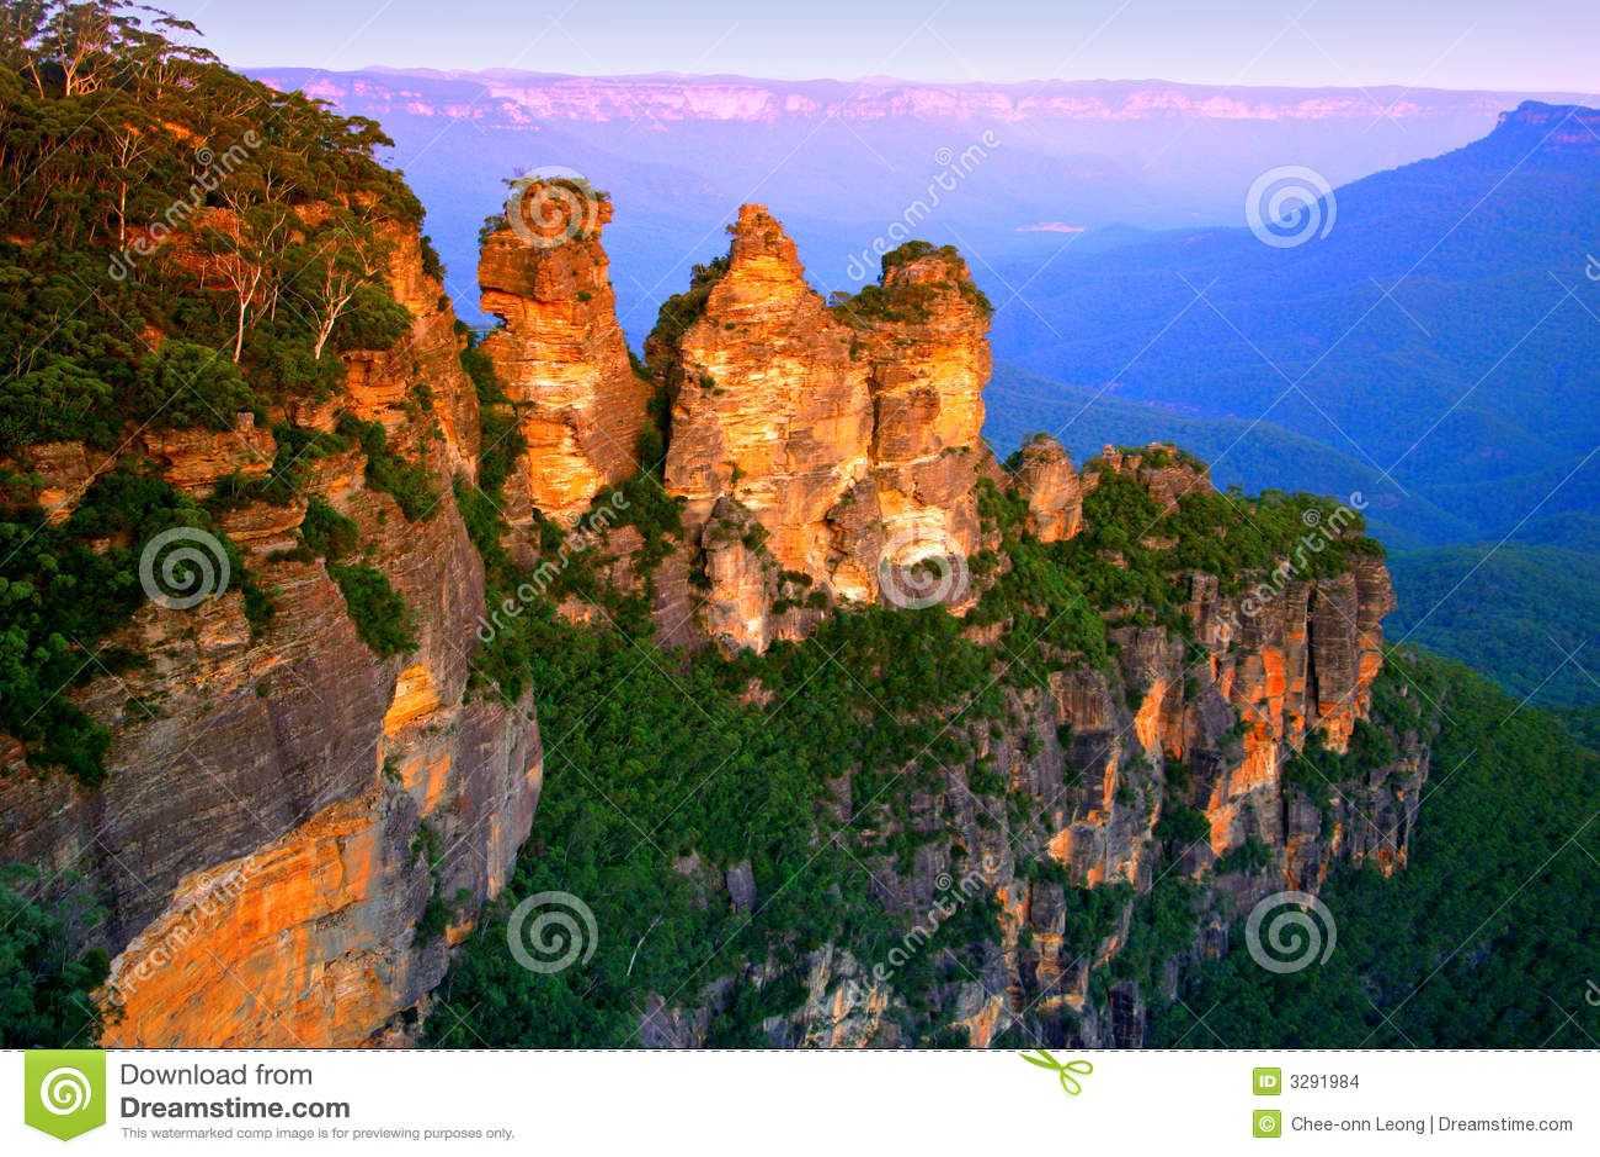 Blue Mountain, NSW, Australia